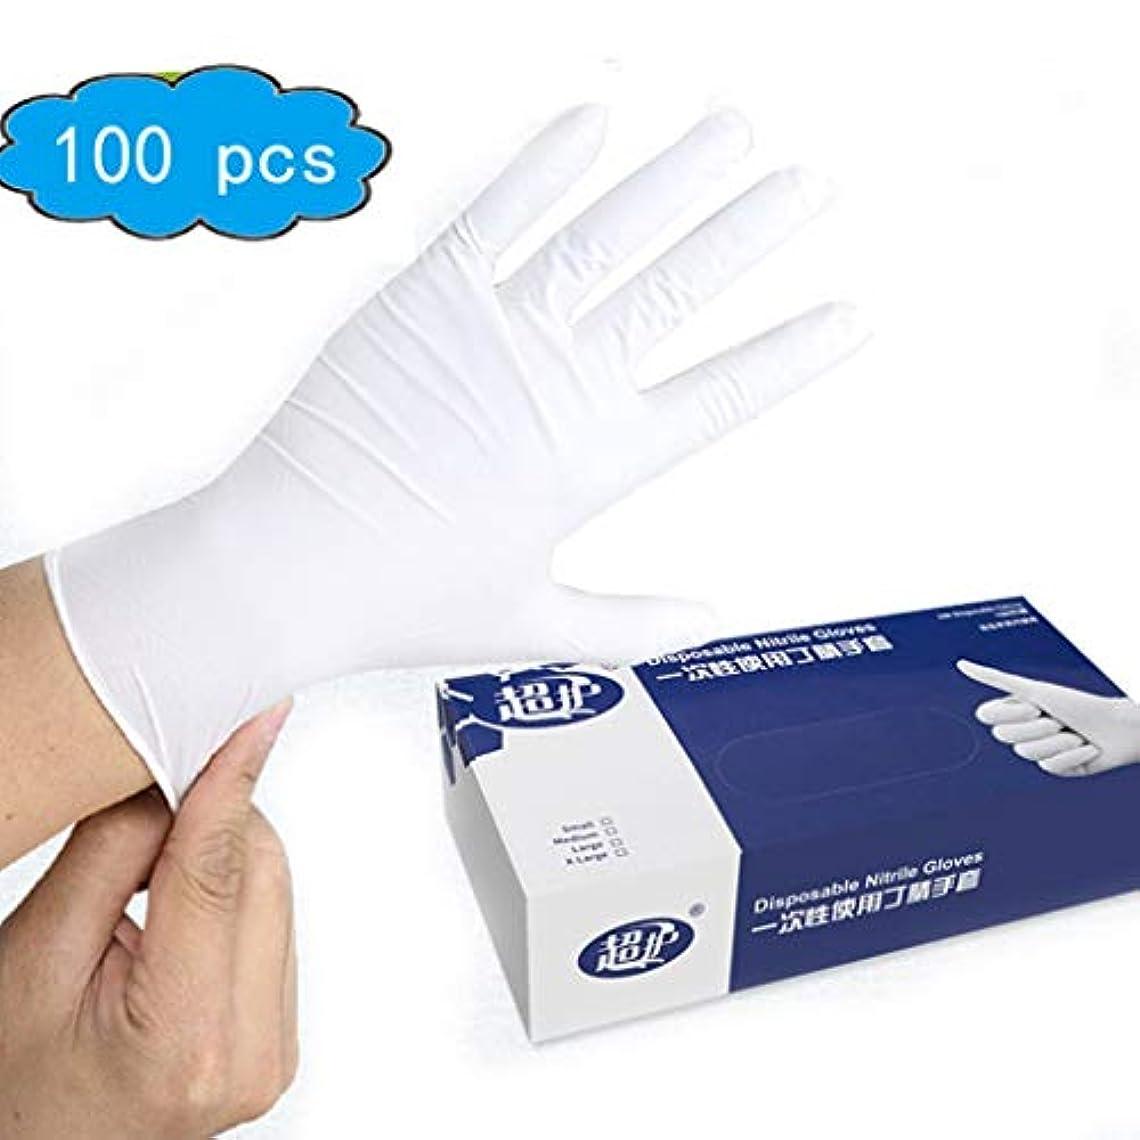 拒絶バイソン嘆くニトリル手袋 - ラテックスフリー、パウダーフリー、非滅菌、衛生手袋、100のボックス (Color : White, Size : S)